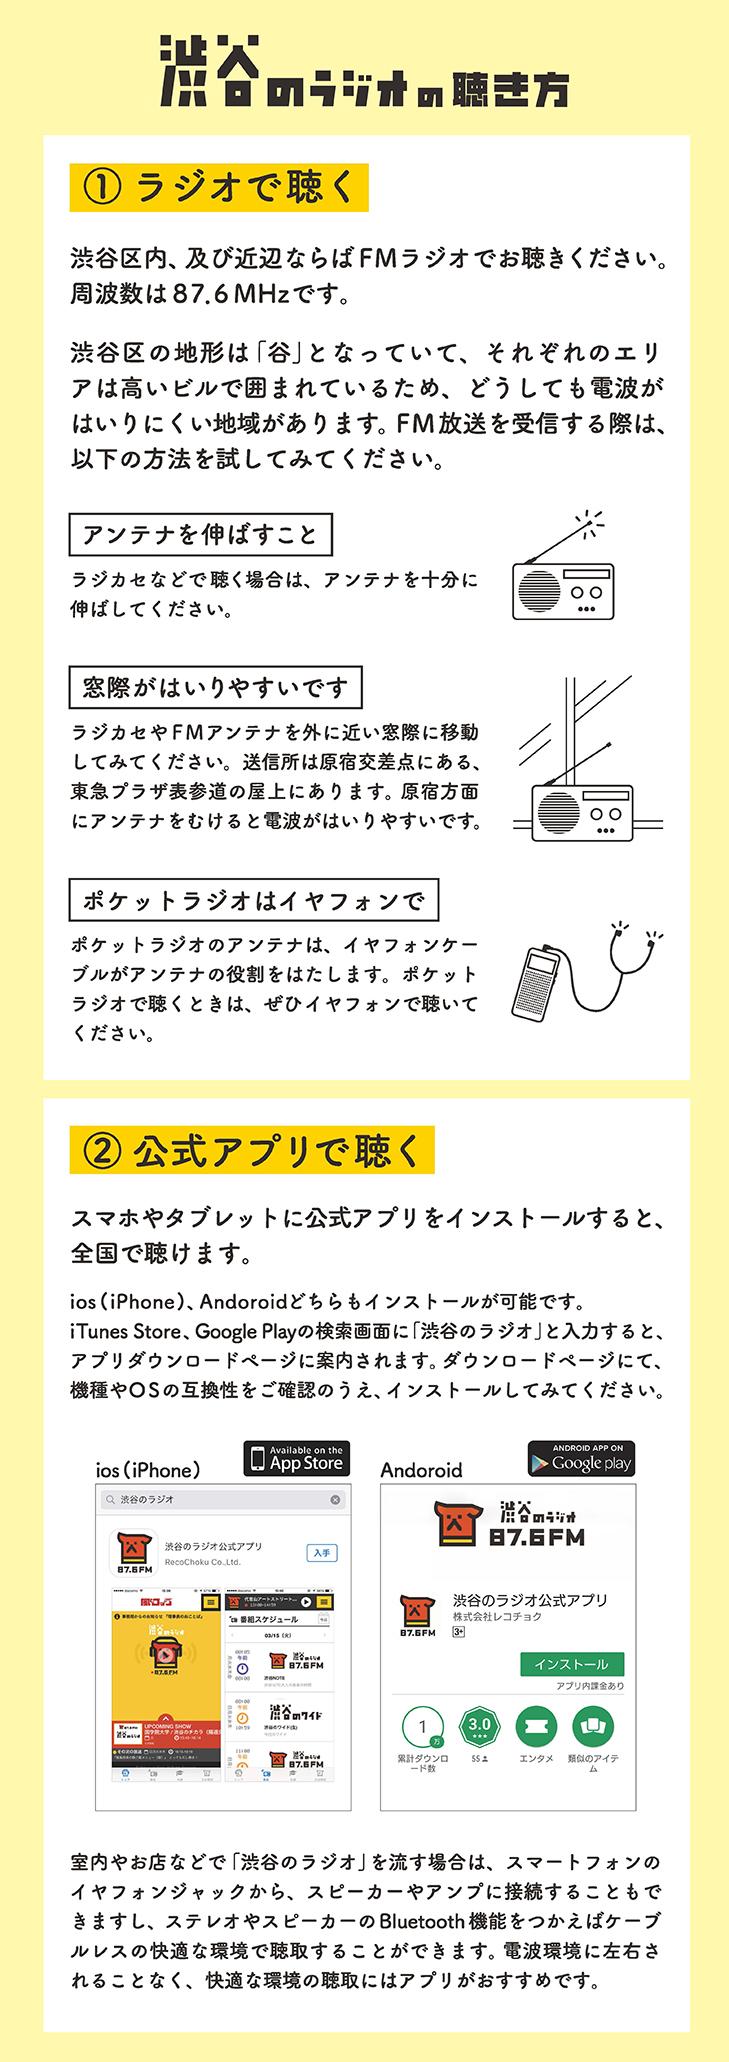 画像:「渋谷のラジオ」の聴き方/(1)ラジオで聴く…渋谷区内、及び近辺ならばFMラジオでお聴きください。周波数は87.6MHzです。渋谷区の地形は「谷」となっていて、それぞれのエリアは高いビルで囲まれているため、どうしても電波がはいりにくい地域があります。FM放送を受信する際は、以下の方法を試してみてください。[アンテナを伸ばすこと]ラジカセなどで聴く場合は、アンテナを十分に伸ばしてください。[窓際がはいりやすいです]ラジカセやFMアンテナを外に近い窓際に移動してみてください。送信所は原宿交差点にある、東急プラザ表参道の屋上にあります。原宿方面にアンテナをむけると電波がはいりやすいです。[ポケットラジオはイヤフォンで]ポケットラジオのアンテナは、イヤフォンケーブルがアンテナの役割をはたします。ポケットラジオで聴くときは、ぜひイヤフォンで聴いてください。(2)公式アプリで聴く…スマホやタブレットに公式アプリをインストールすると、全国で聴けます。ios(iPhone)、Androidどちらでもインストールが可能です。iTunes Store、Google Playの検索画面に「渋谷のラジオ」と入力すると、アプリダウンロードページに案内されます。ダウンロードページにて、機種やOSの互換性をご確認のうえ、インストールしてみてください。室内やお店などで「渋谷のラジオ」を流す場合は、スマートフォンのイヤフォンジャックから、スピーカーやアンプに接続することもできますし、ステレオやスピーカーのBluetooth機能をつかえばケーブルレスの快適な環境で聴取することができます。電波環境に左右されることなく、快適な環境の聴取にはアプリがおすすめです。